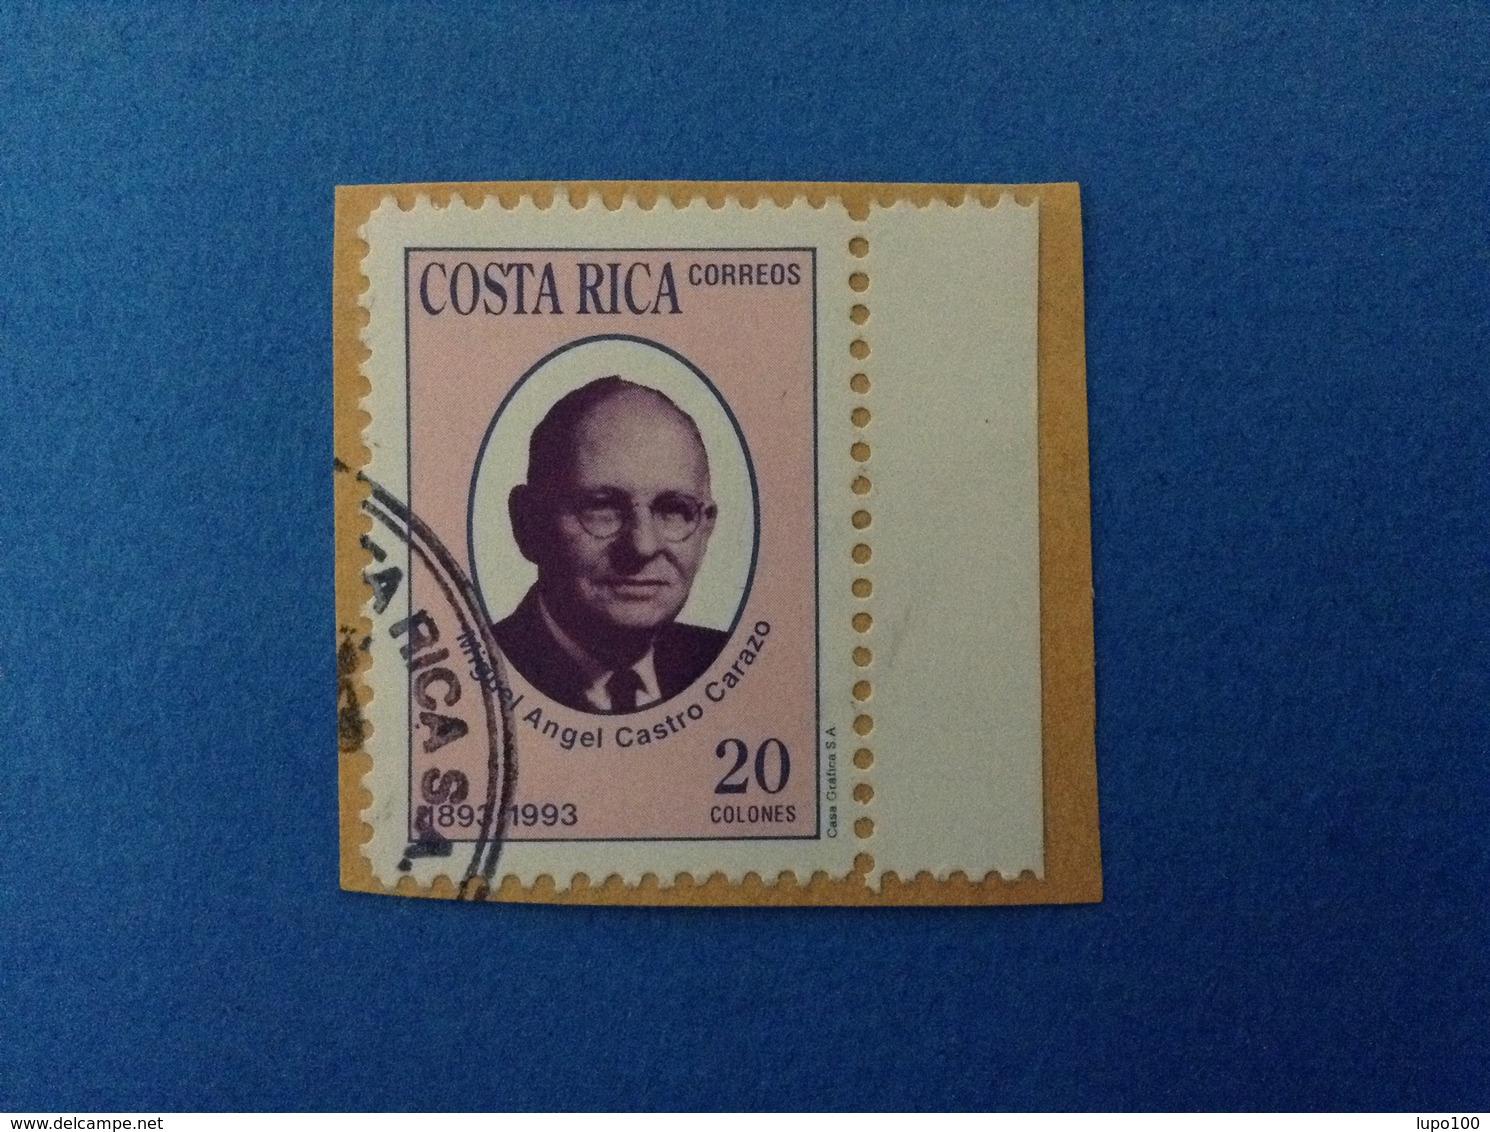 1993 COSTA RICA FRANCOBOLLO USATO STAMP USED MIGUEL ANGEL CASTRO CARAZO 20 C - Costa Rica